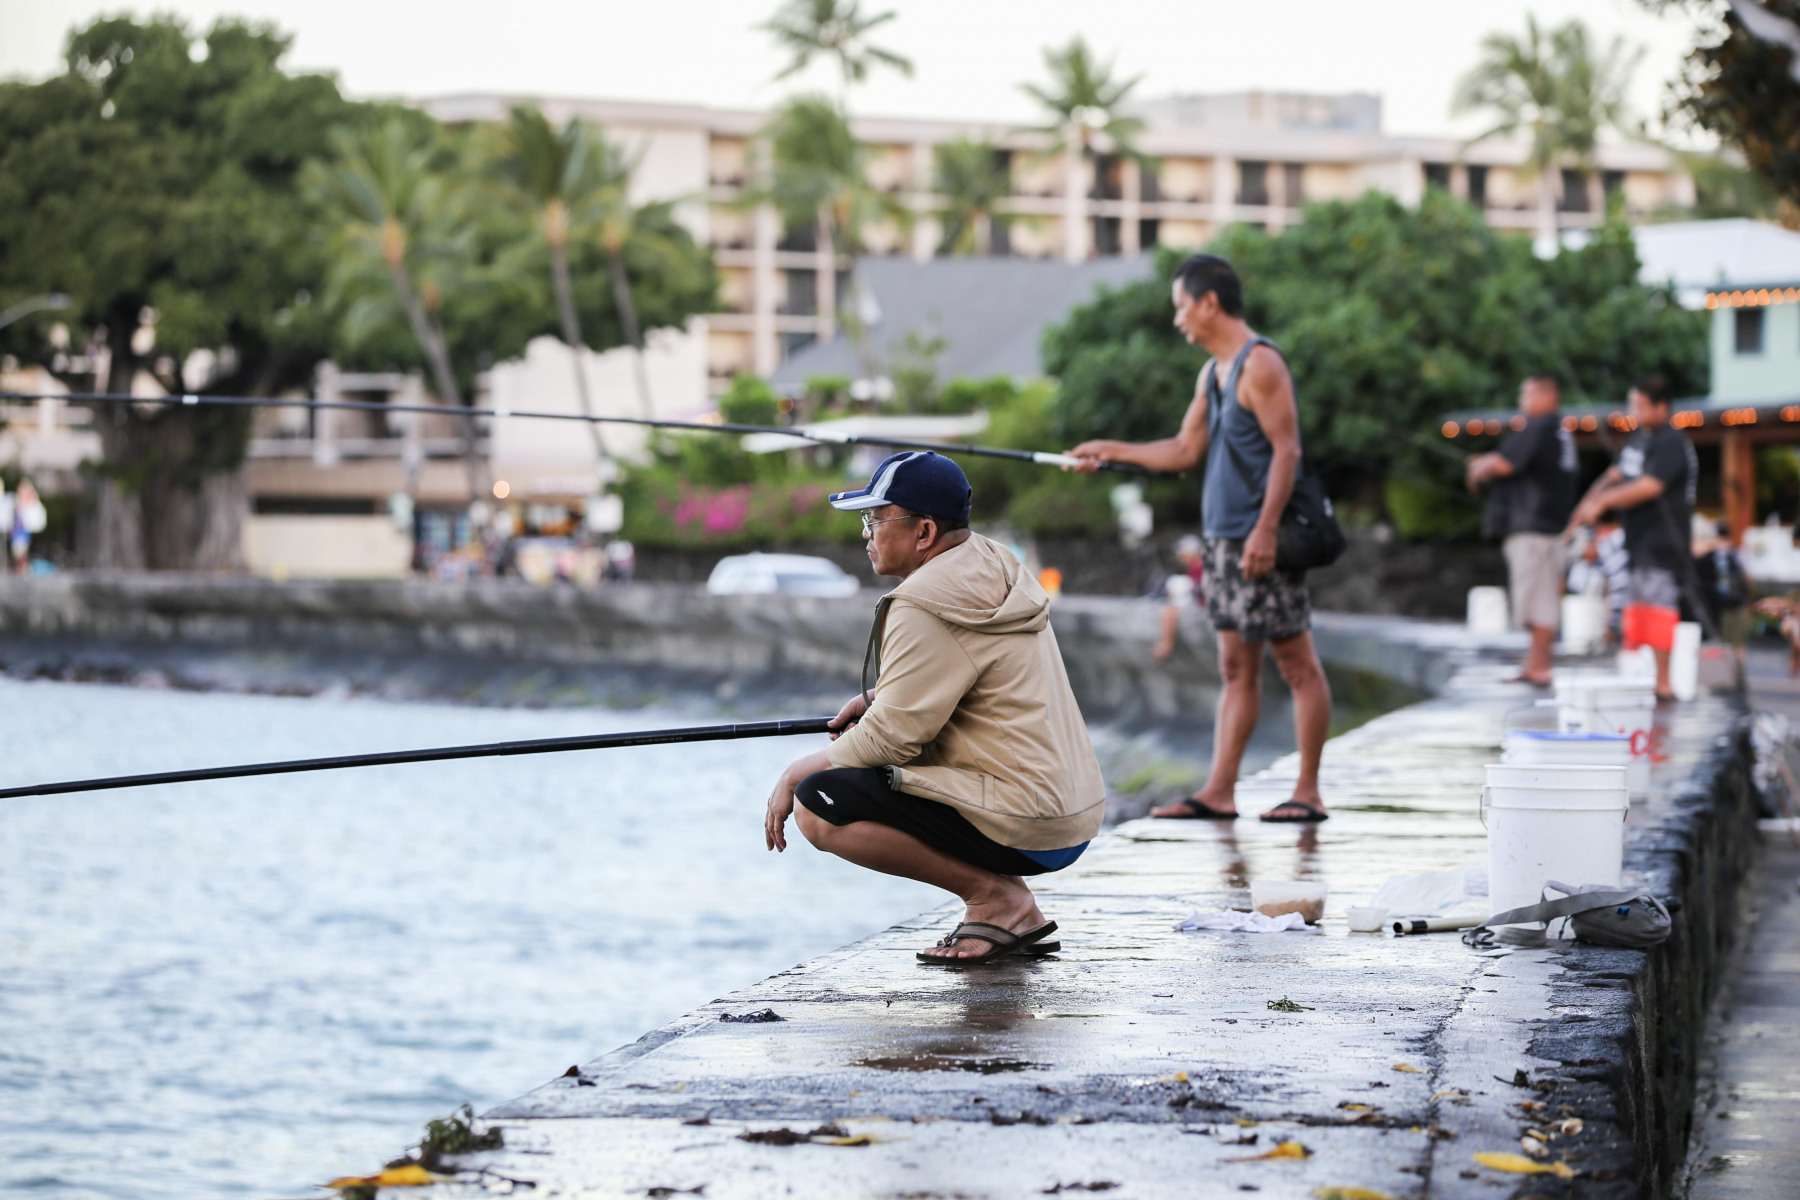 Wenn bei den Anglern in Kailua-Kona die Mienen finsterer werden, dann liegt es daran, dass ungebetener Besuch im Anmarsch ist.